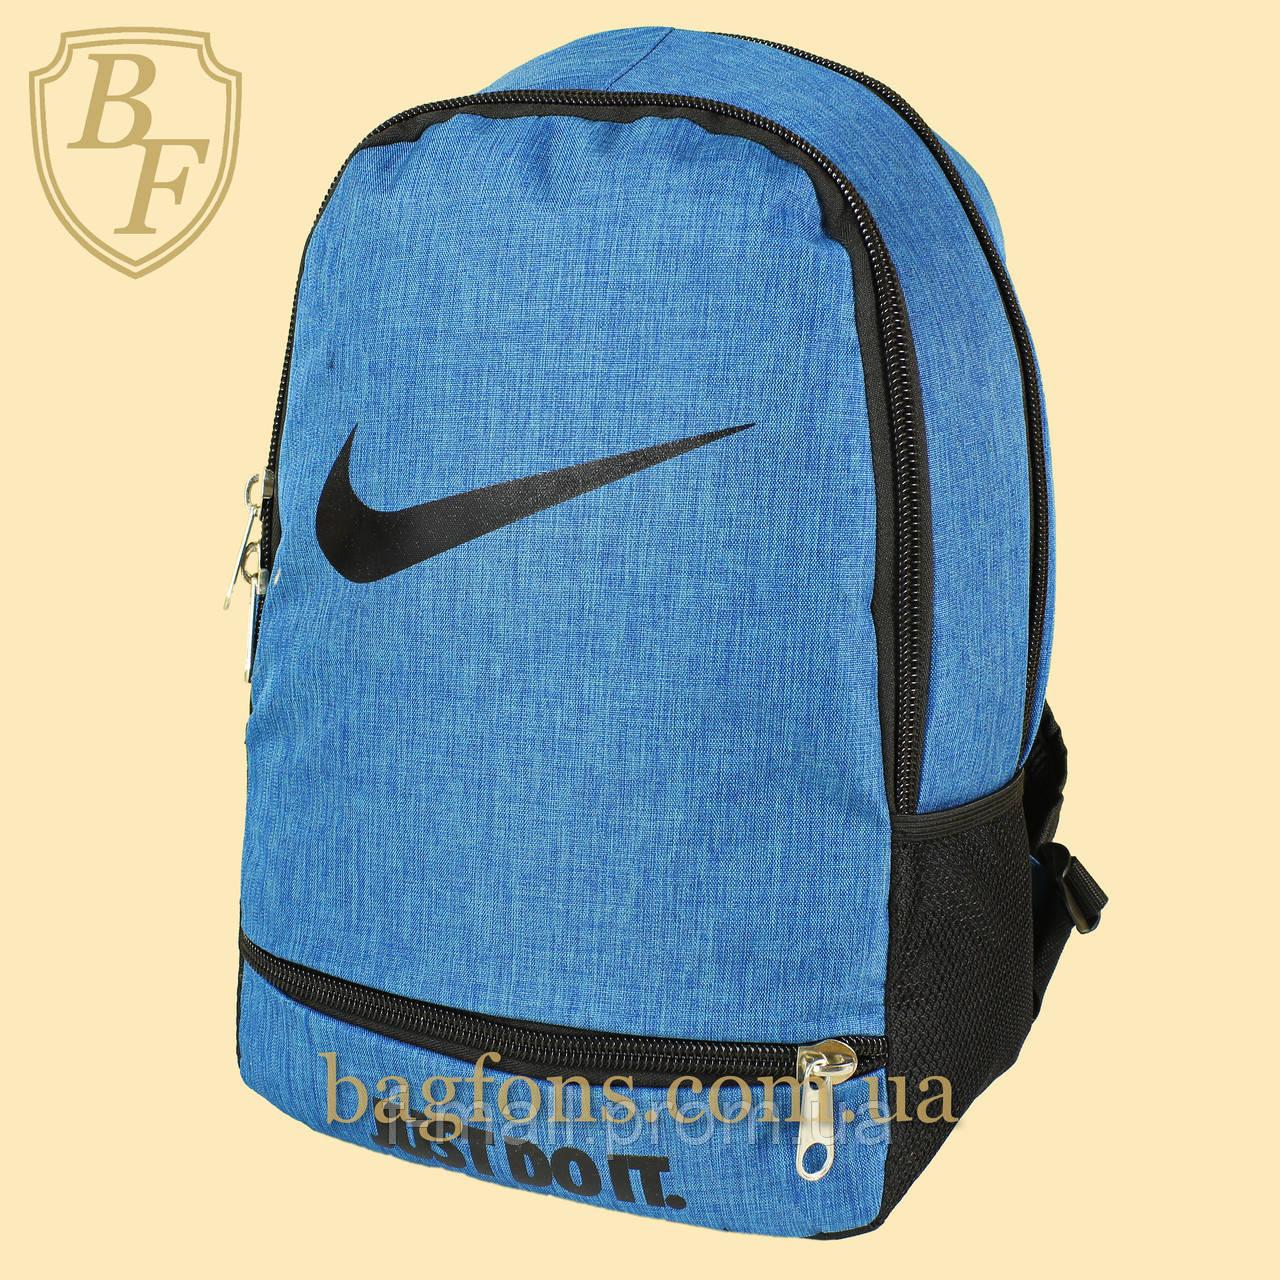 Рюкзак городской, спортивный